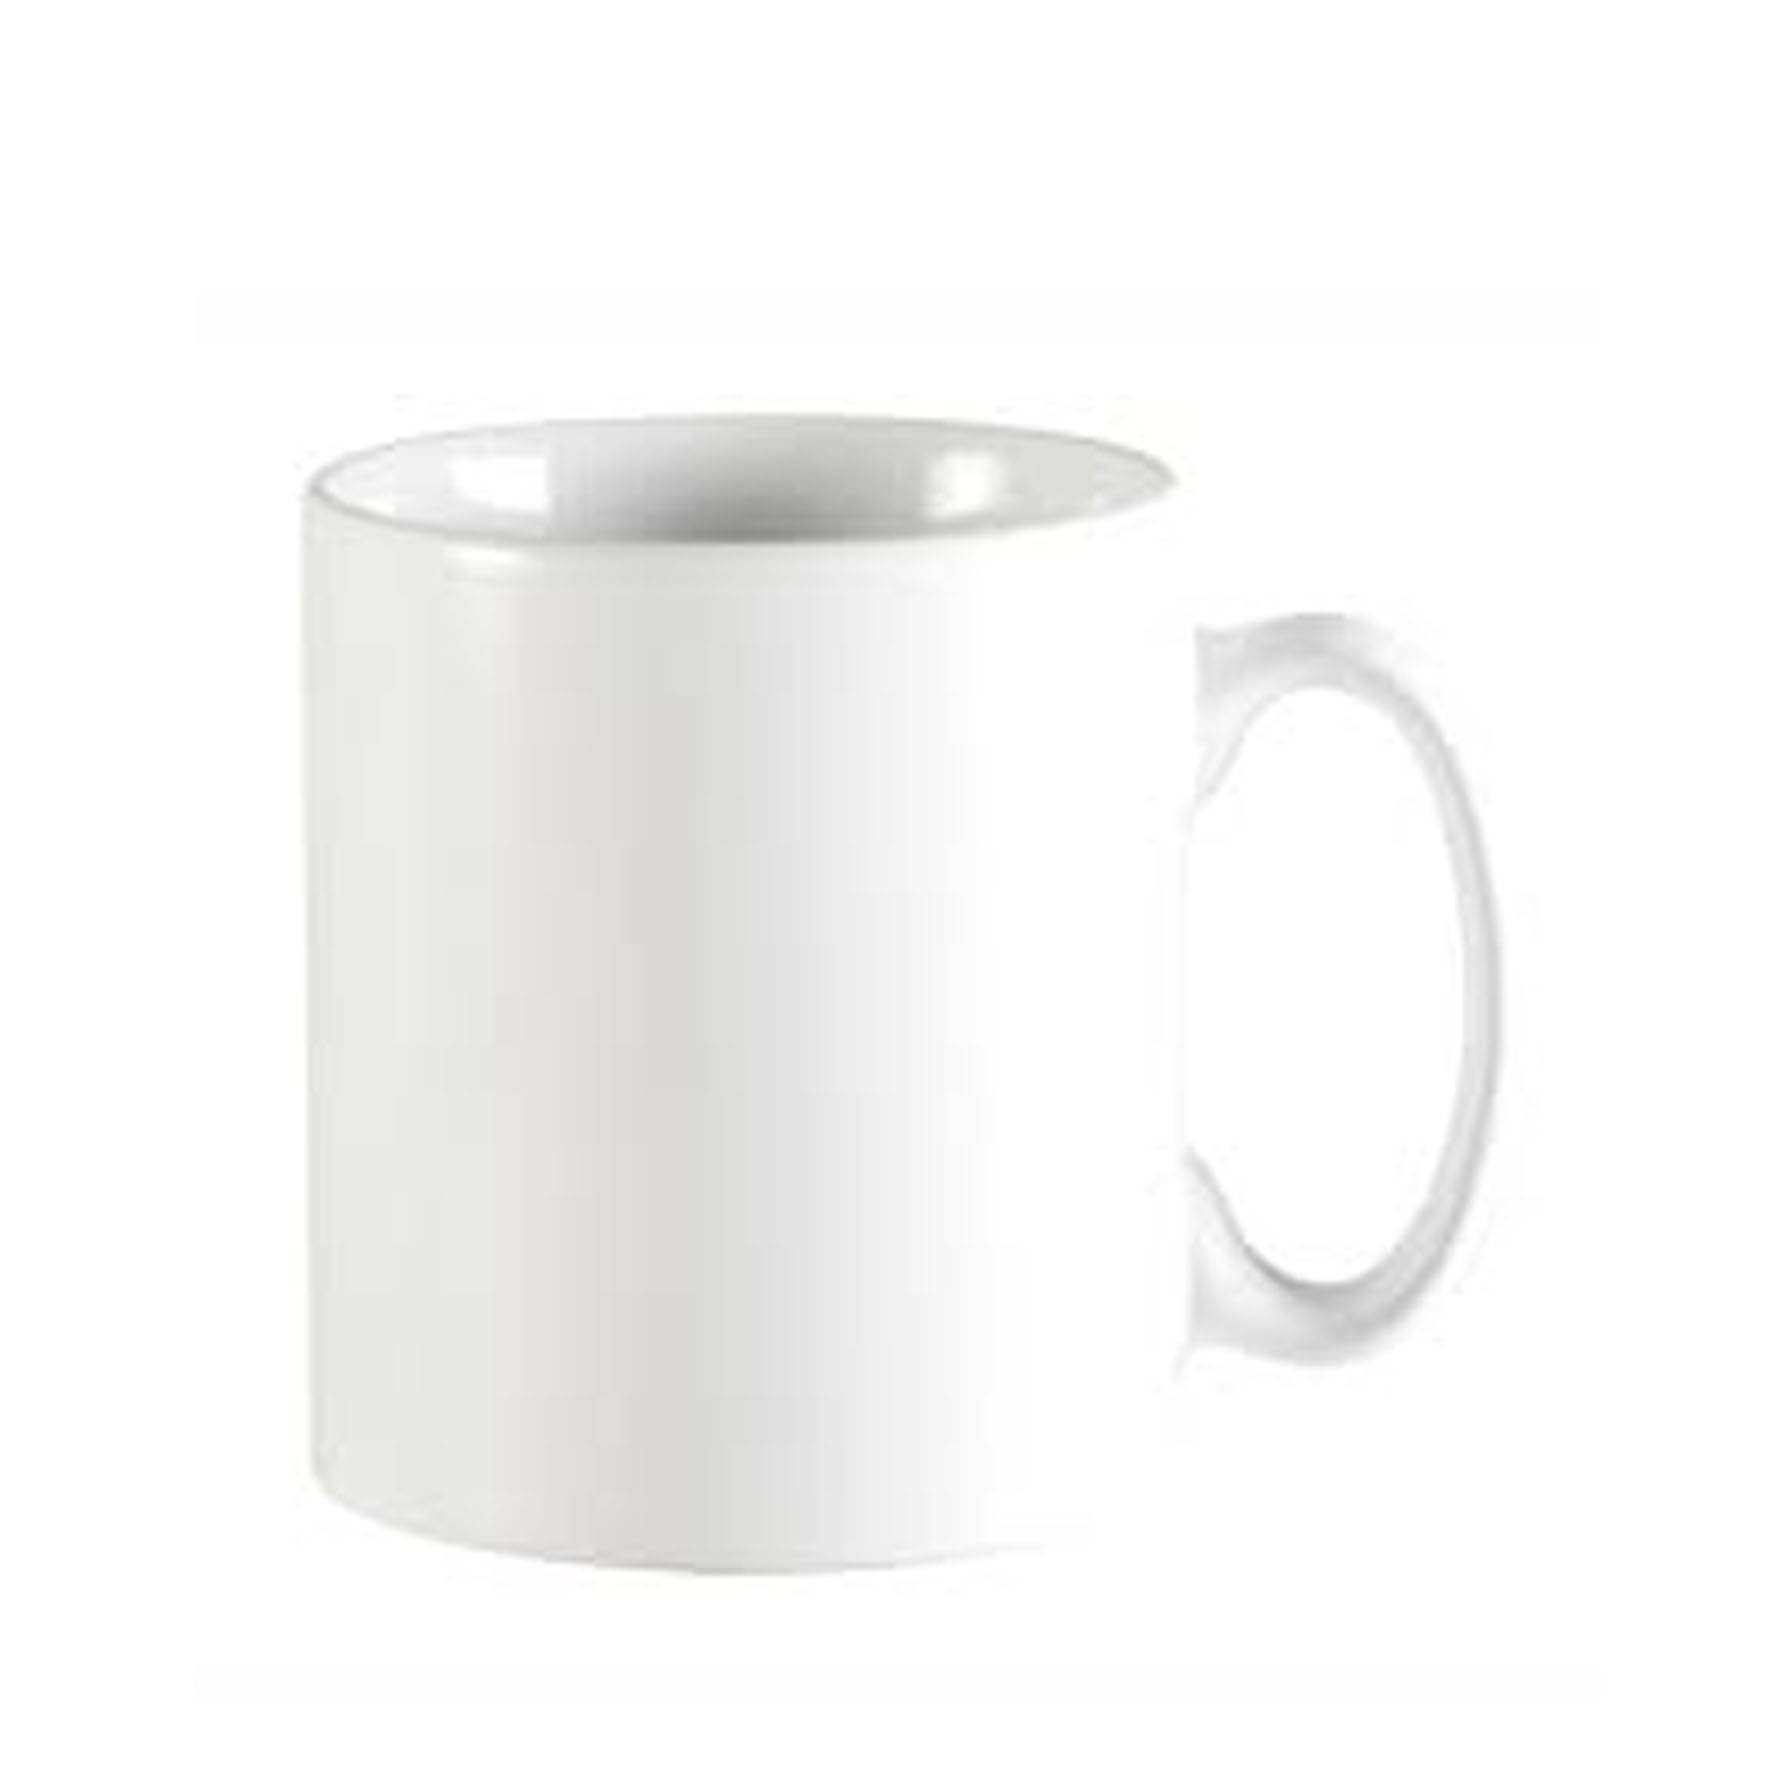 11OZ White Mugs for Sublimation